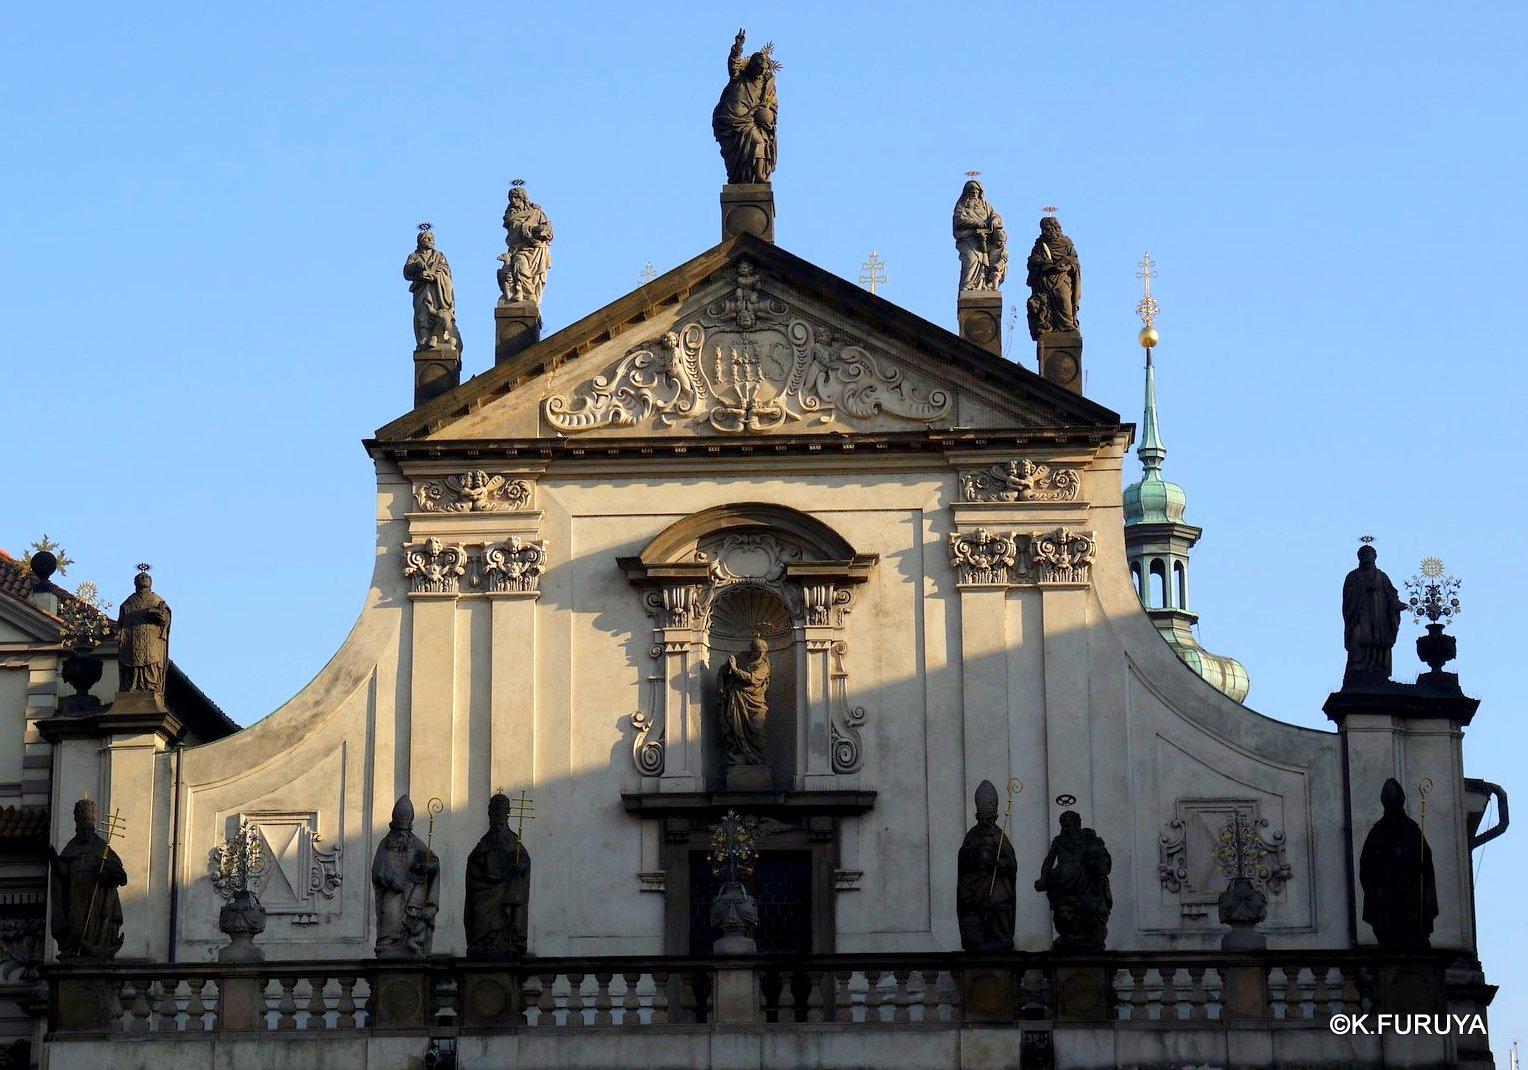 プラハ 8 カレル橋から旧市街へ_a0092659_16272779.jpg